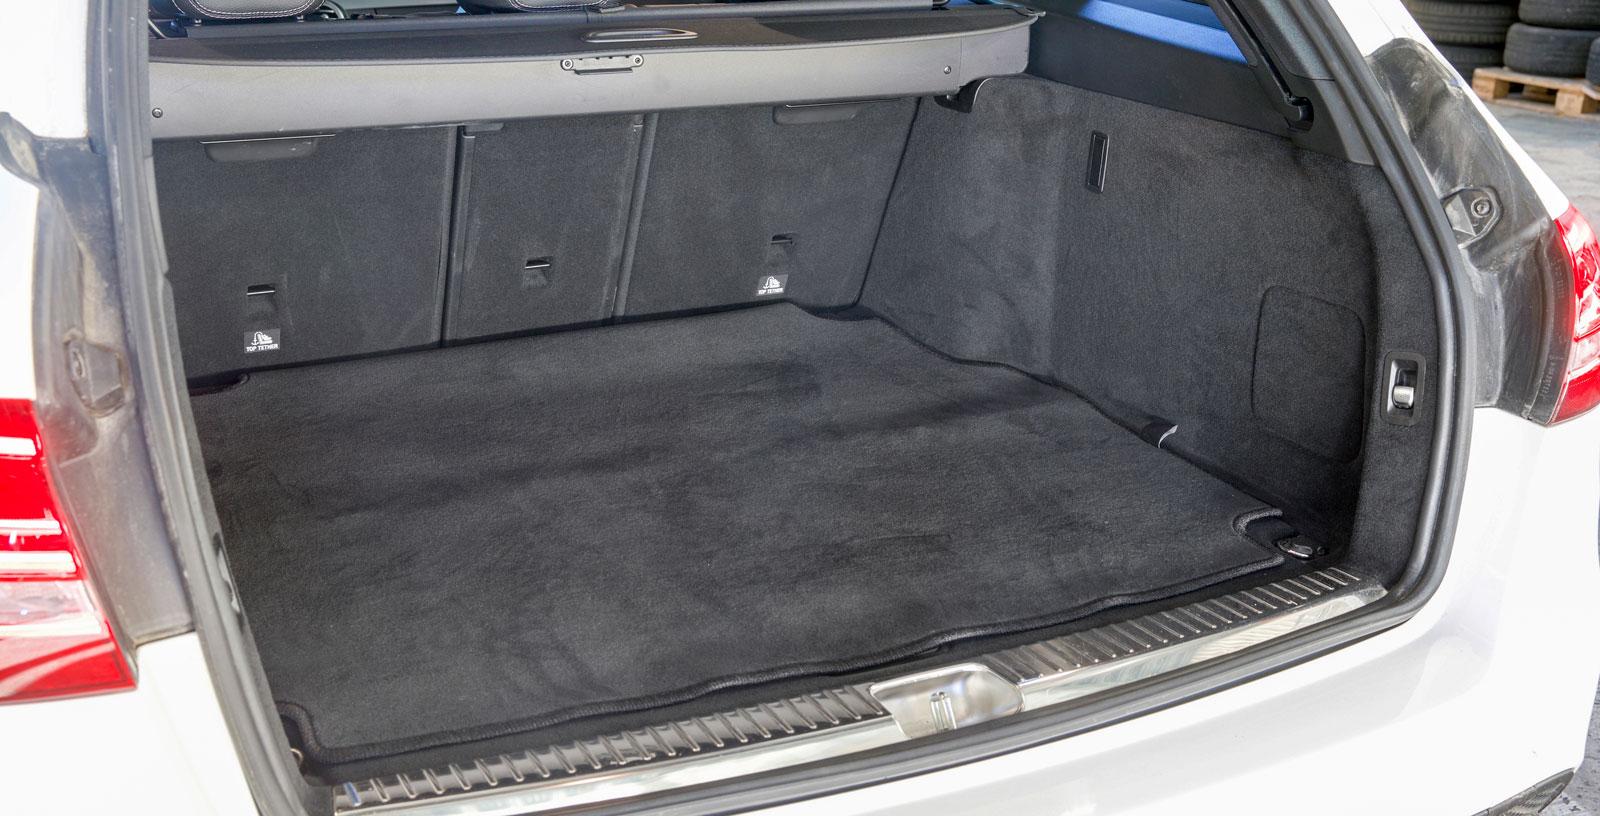 Utan att vara exceptionellt är bagageutrymmet i Mercedes testets största. Utformningen är ungefär som i Audi, ett extra plus för en ovanligt lättstädad golvmatta. Audi och Mercedes har elstyrd baklucka, vilket Volvo inte kan erbjuda.